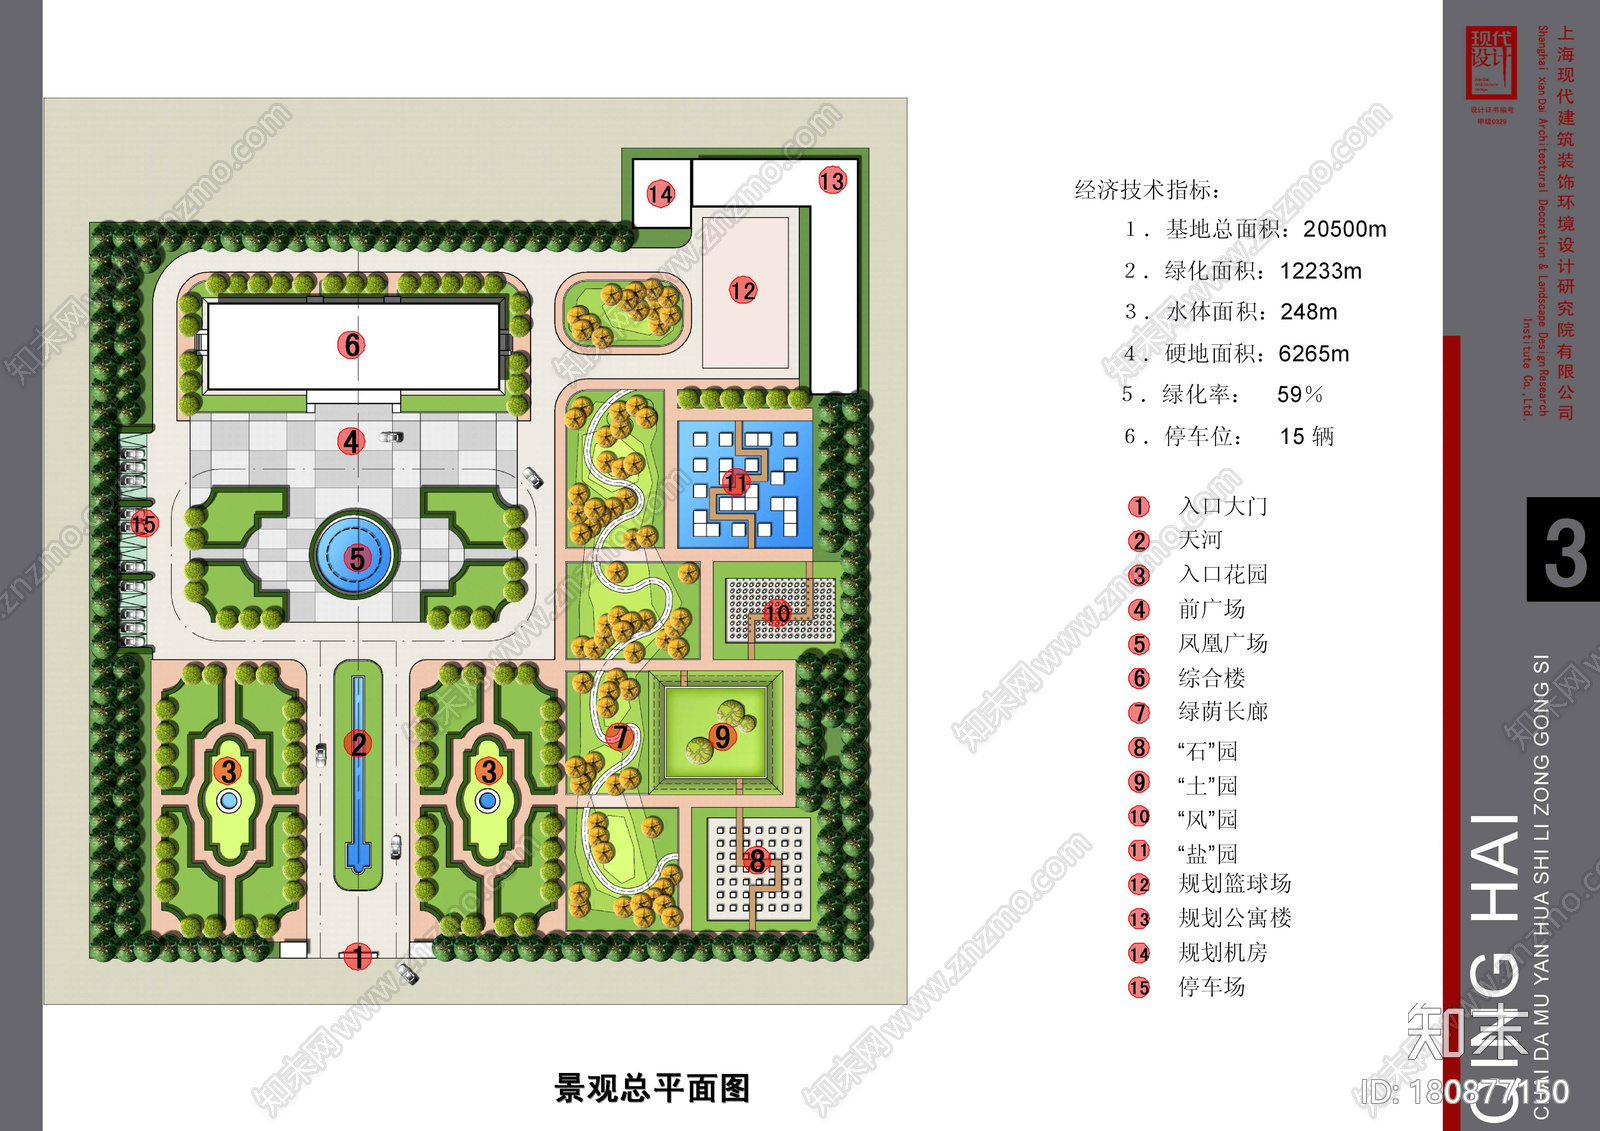 青海柴达木盐湖化工室内方案设计方案文本下载【ID:180877150】